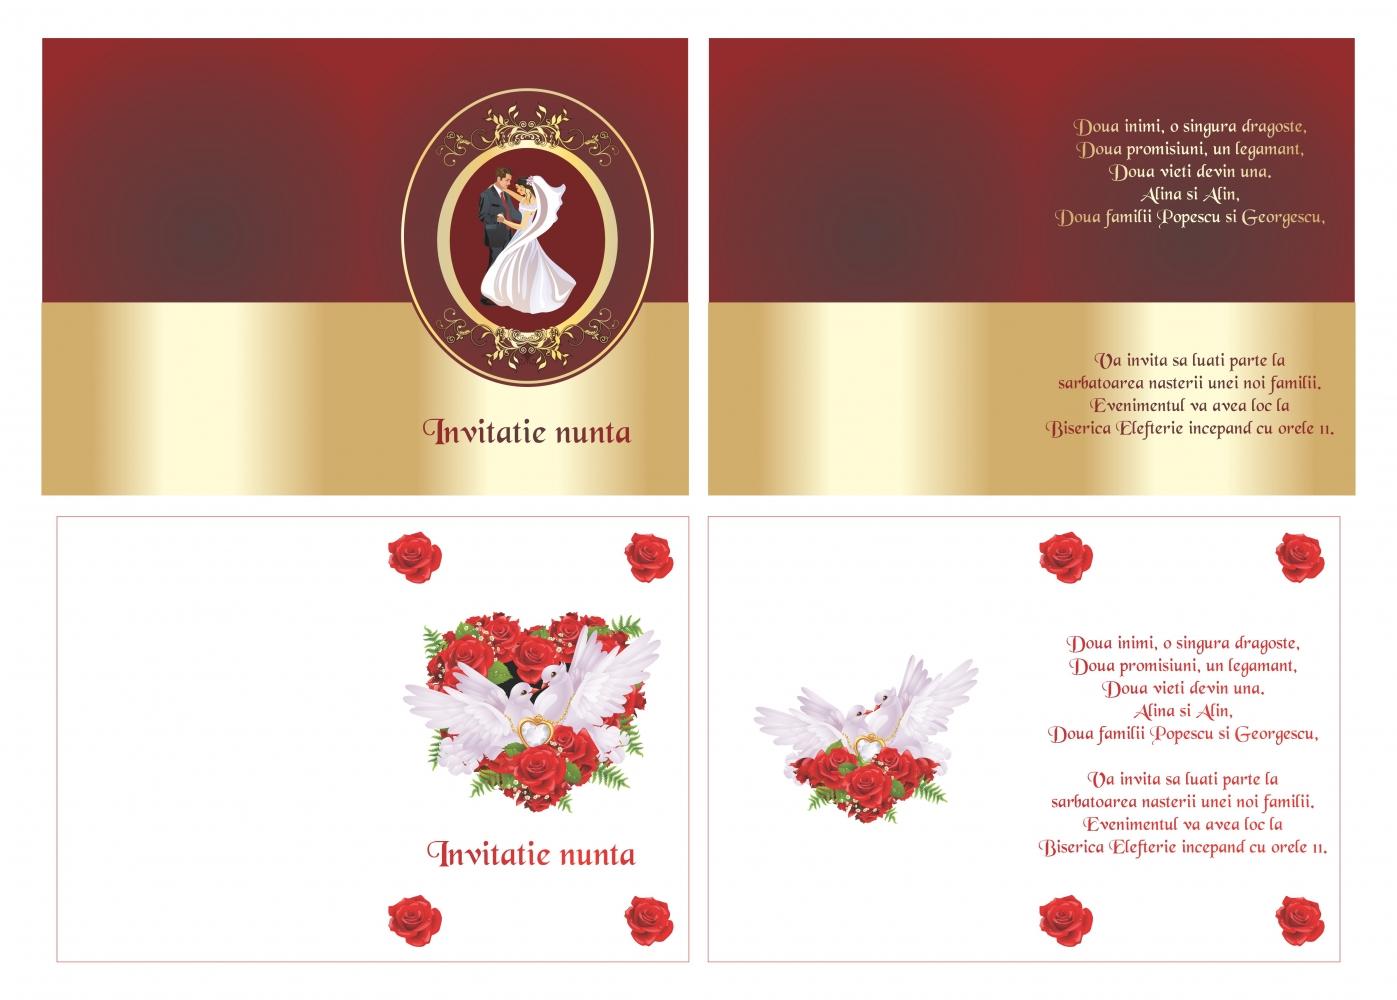 invitatii de nunta, meniuri nunta, plicuri bani